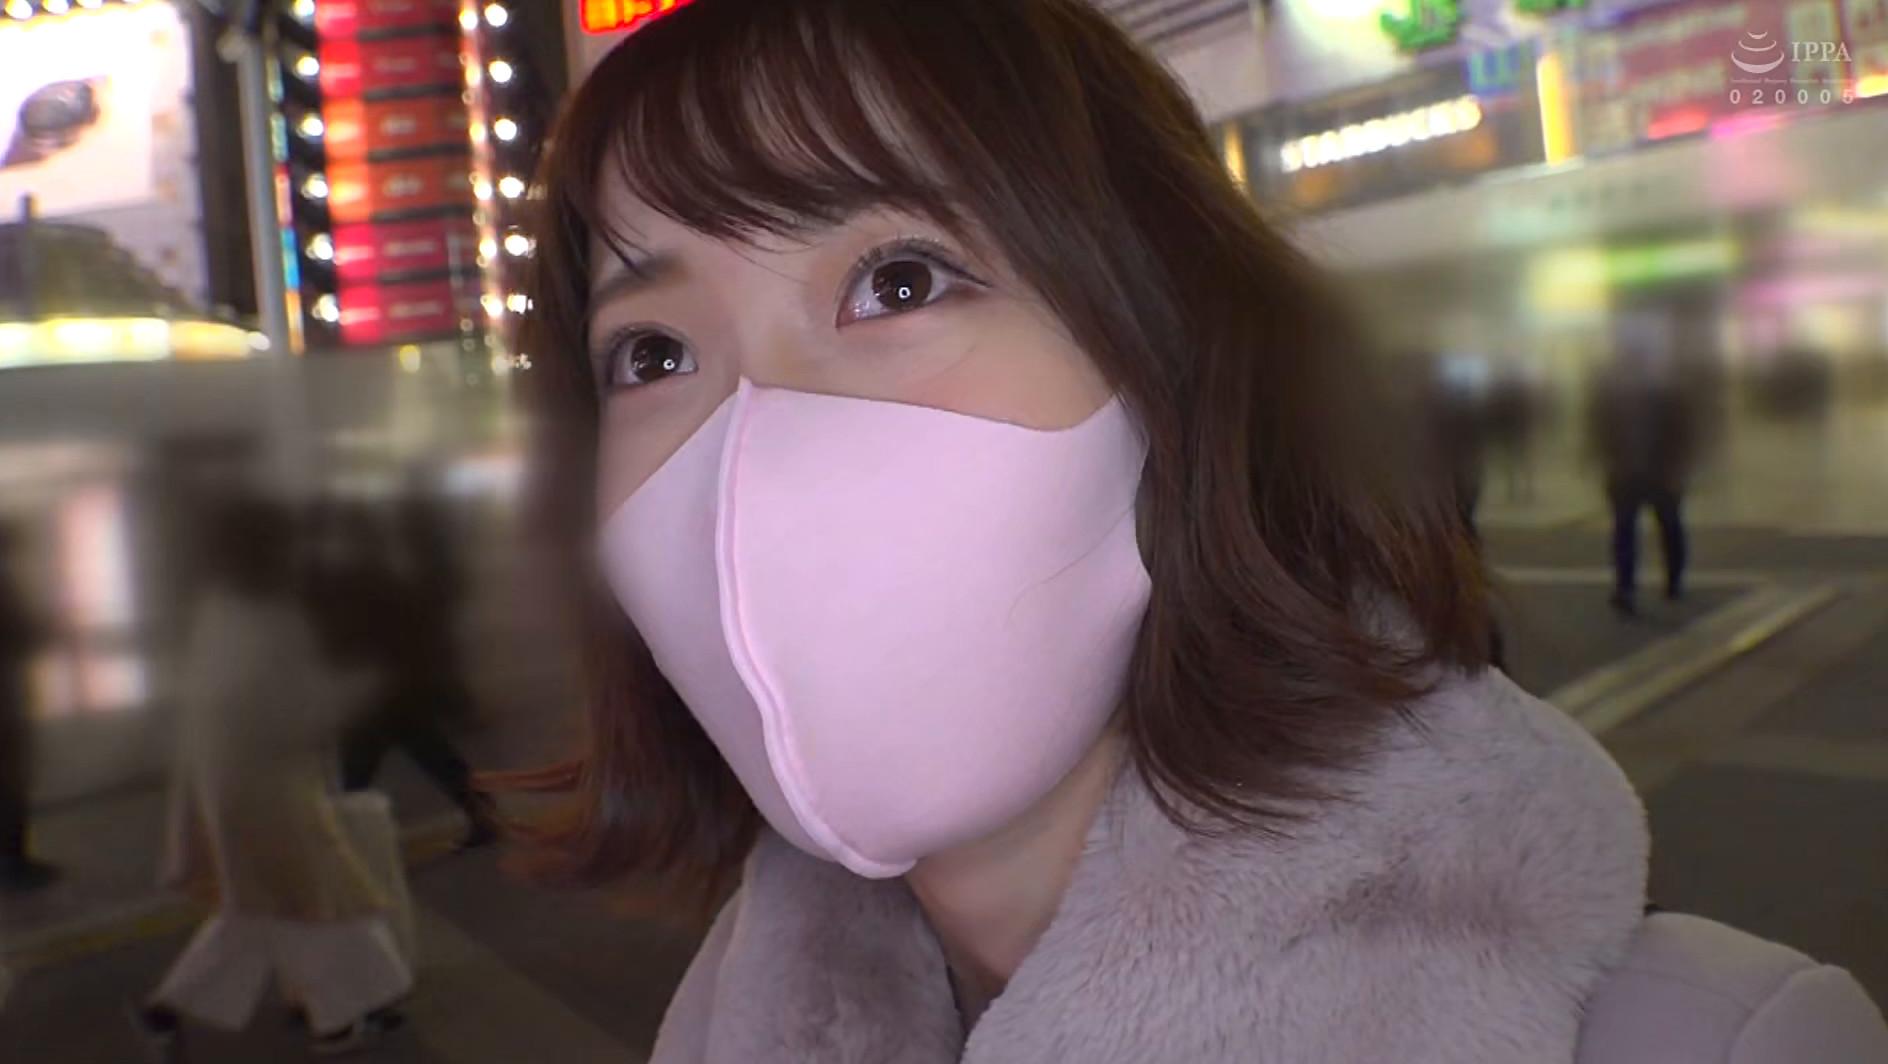 マスク外してもらってもいいですか?!街行くマスク美人をガチナンパ!マスクと一緒に変態素人さんの性欲リミッターも外してしまい大乱れ!